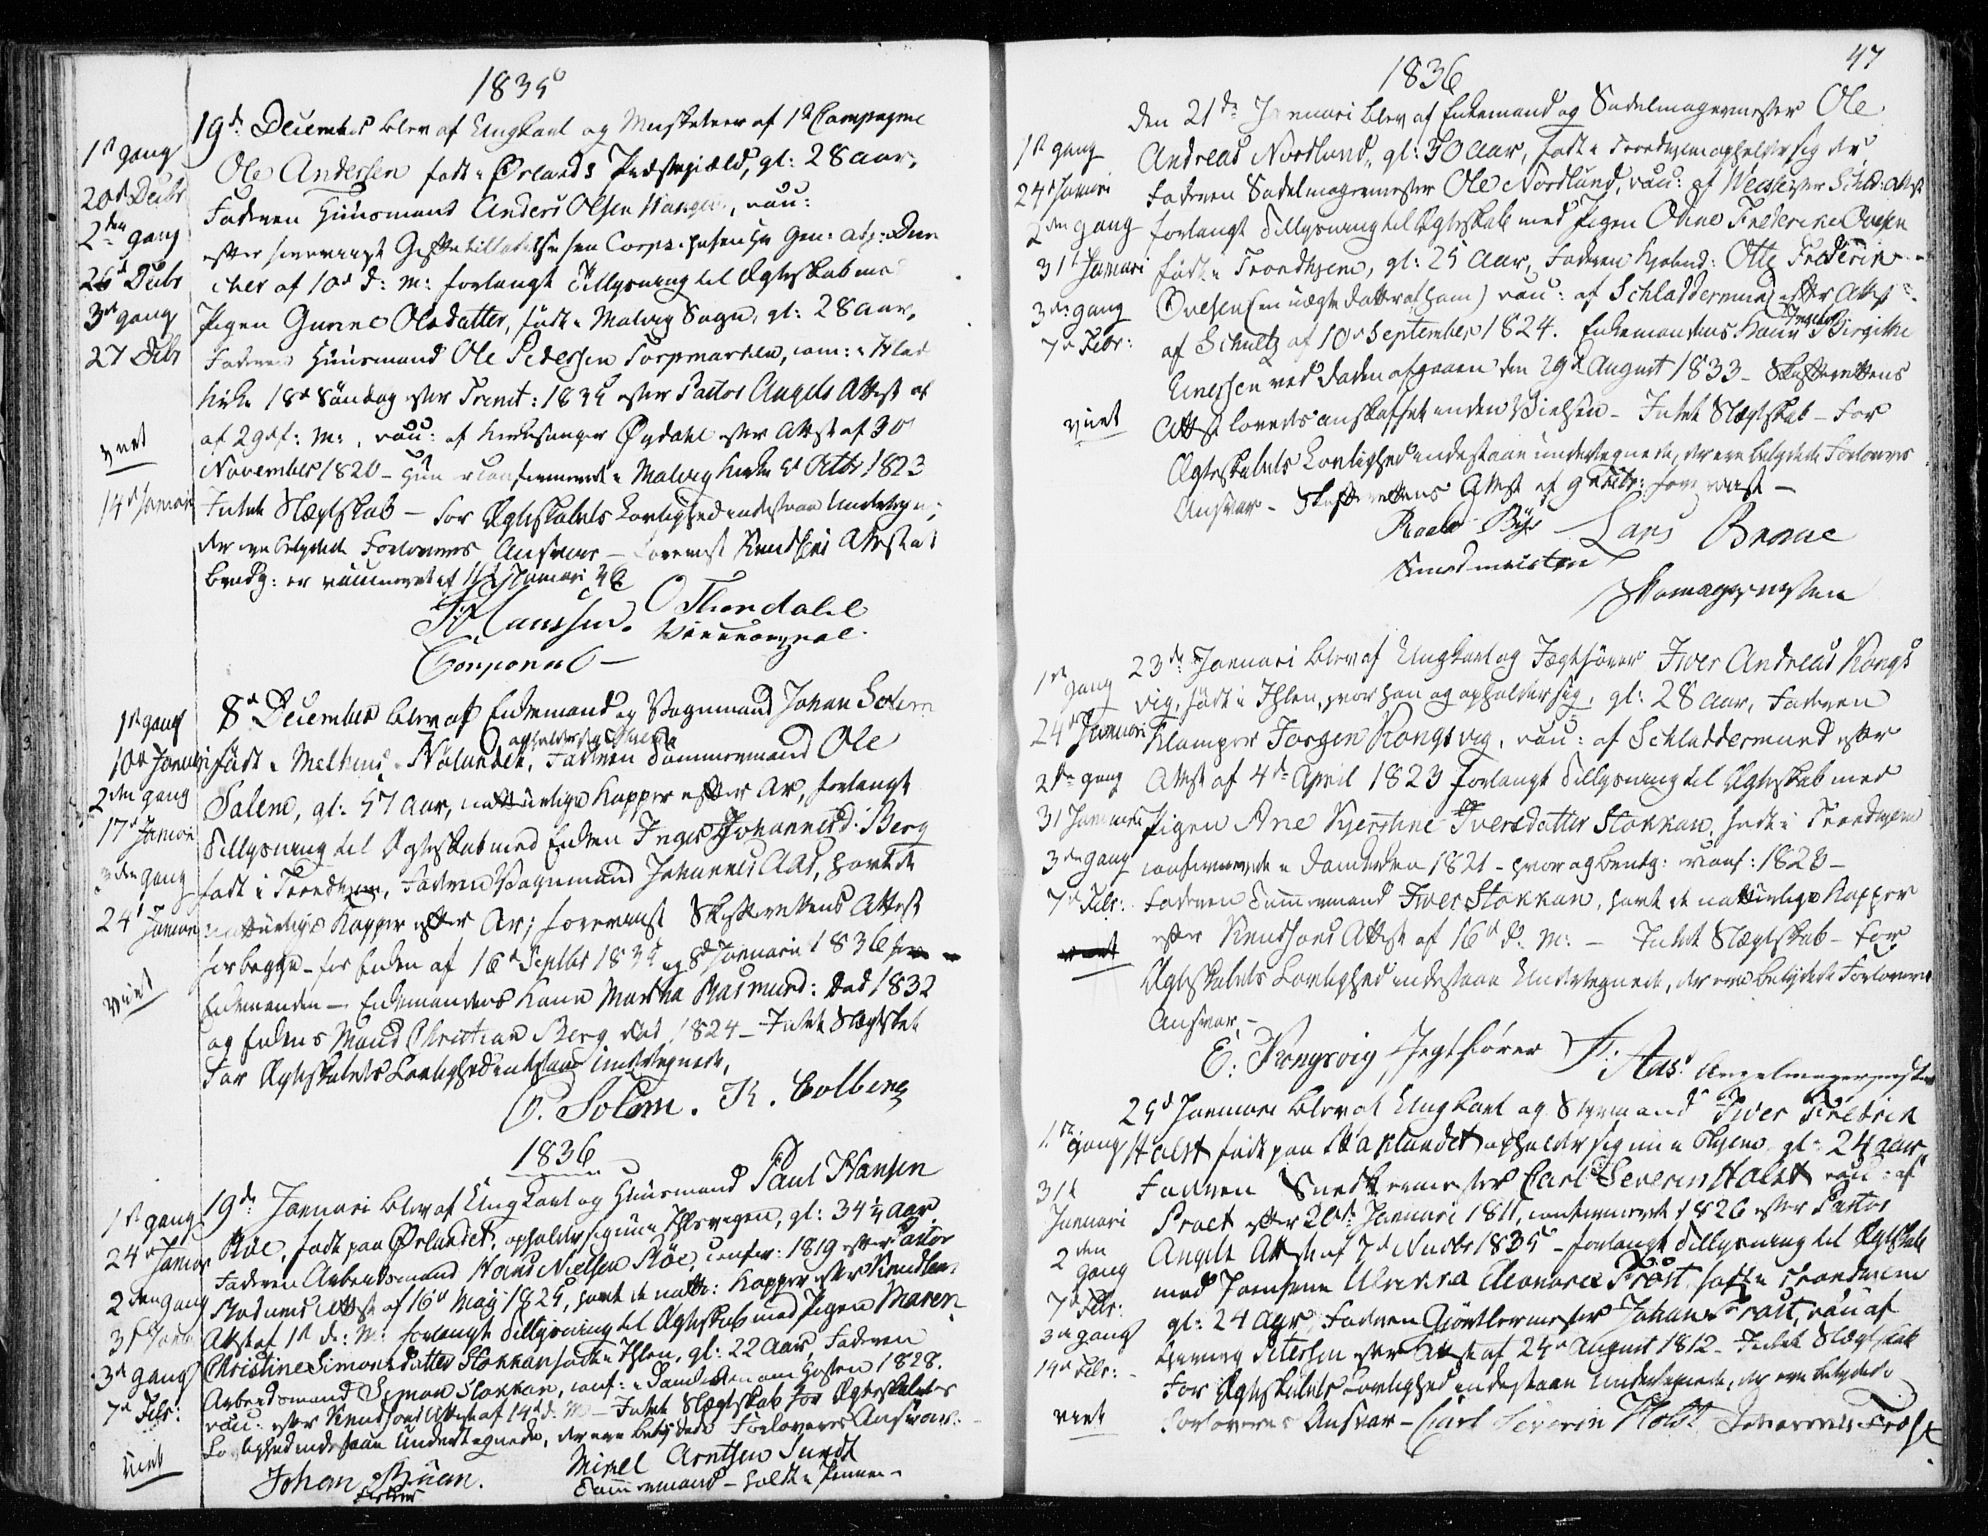 SAT, Ministerialprotokoller, klokkerbøker og fødselsregistre - Sør-Trøndelag, 601/L0046: Ministerialbok nr. 601A14, 1830-1841, s. 47